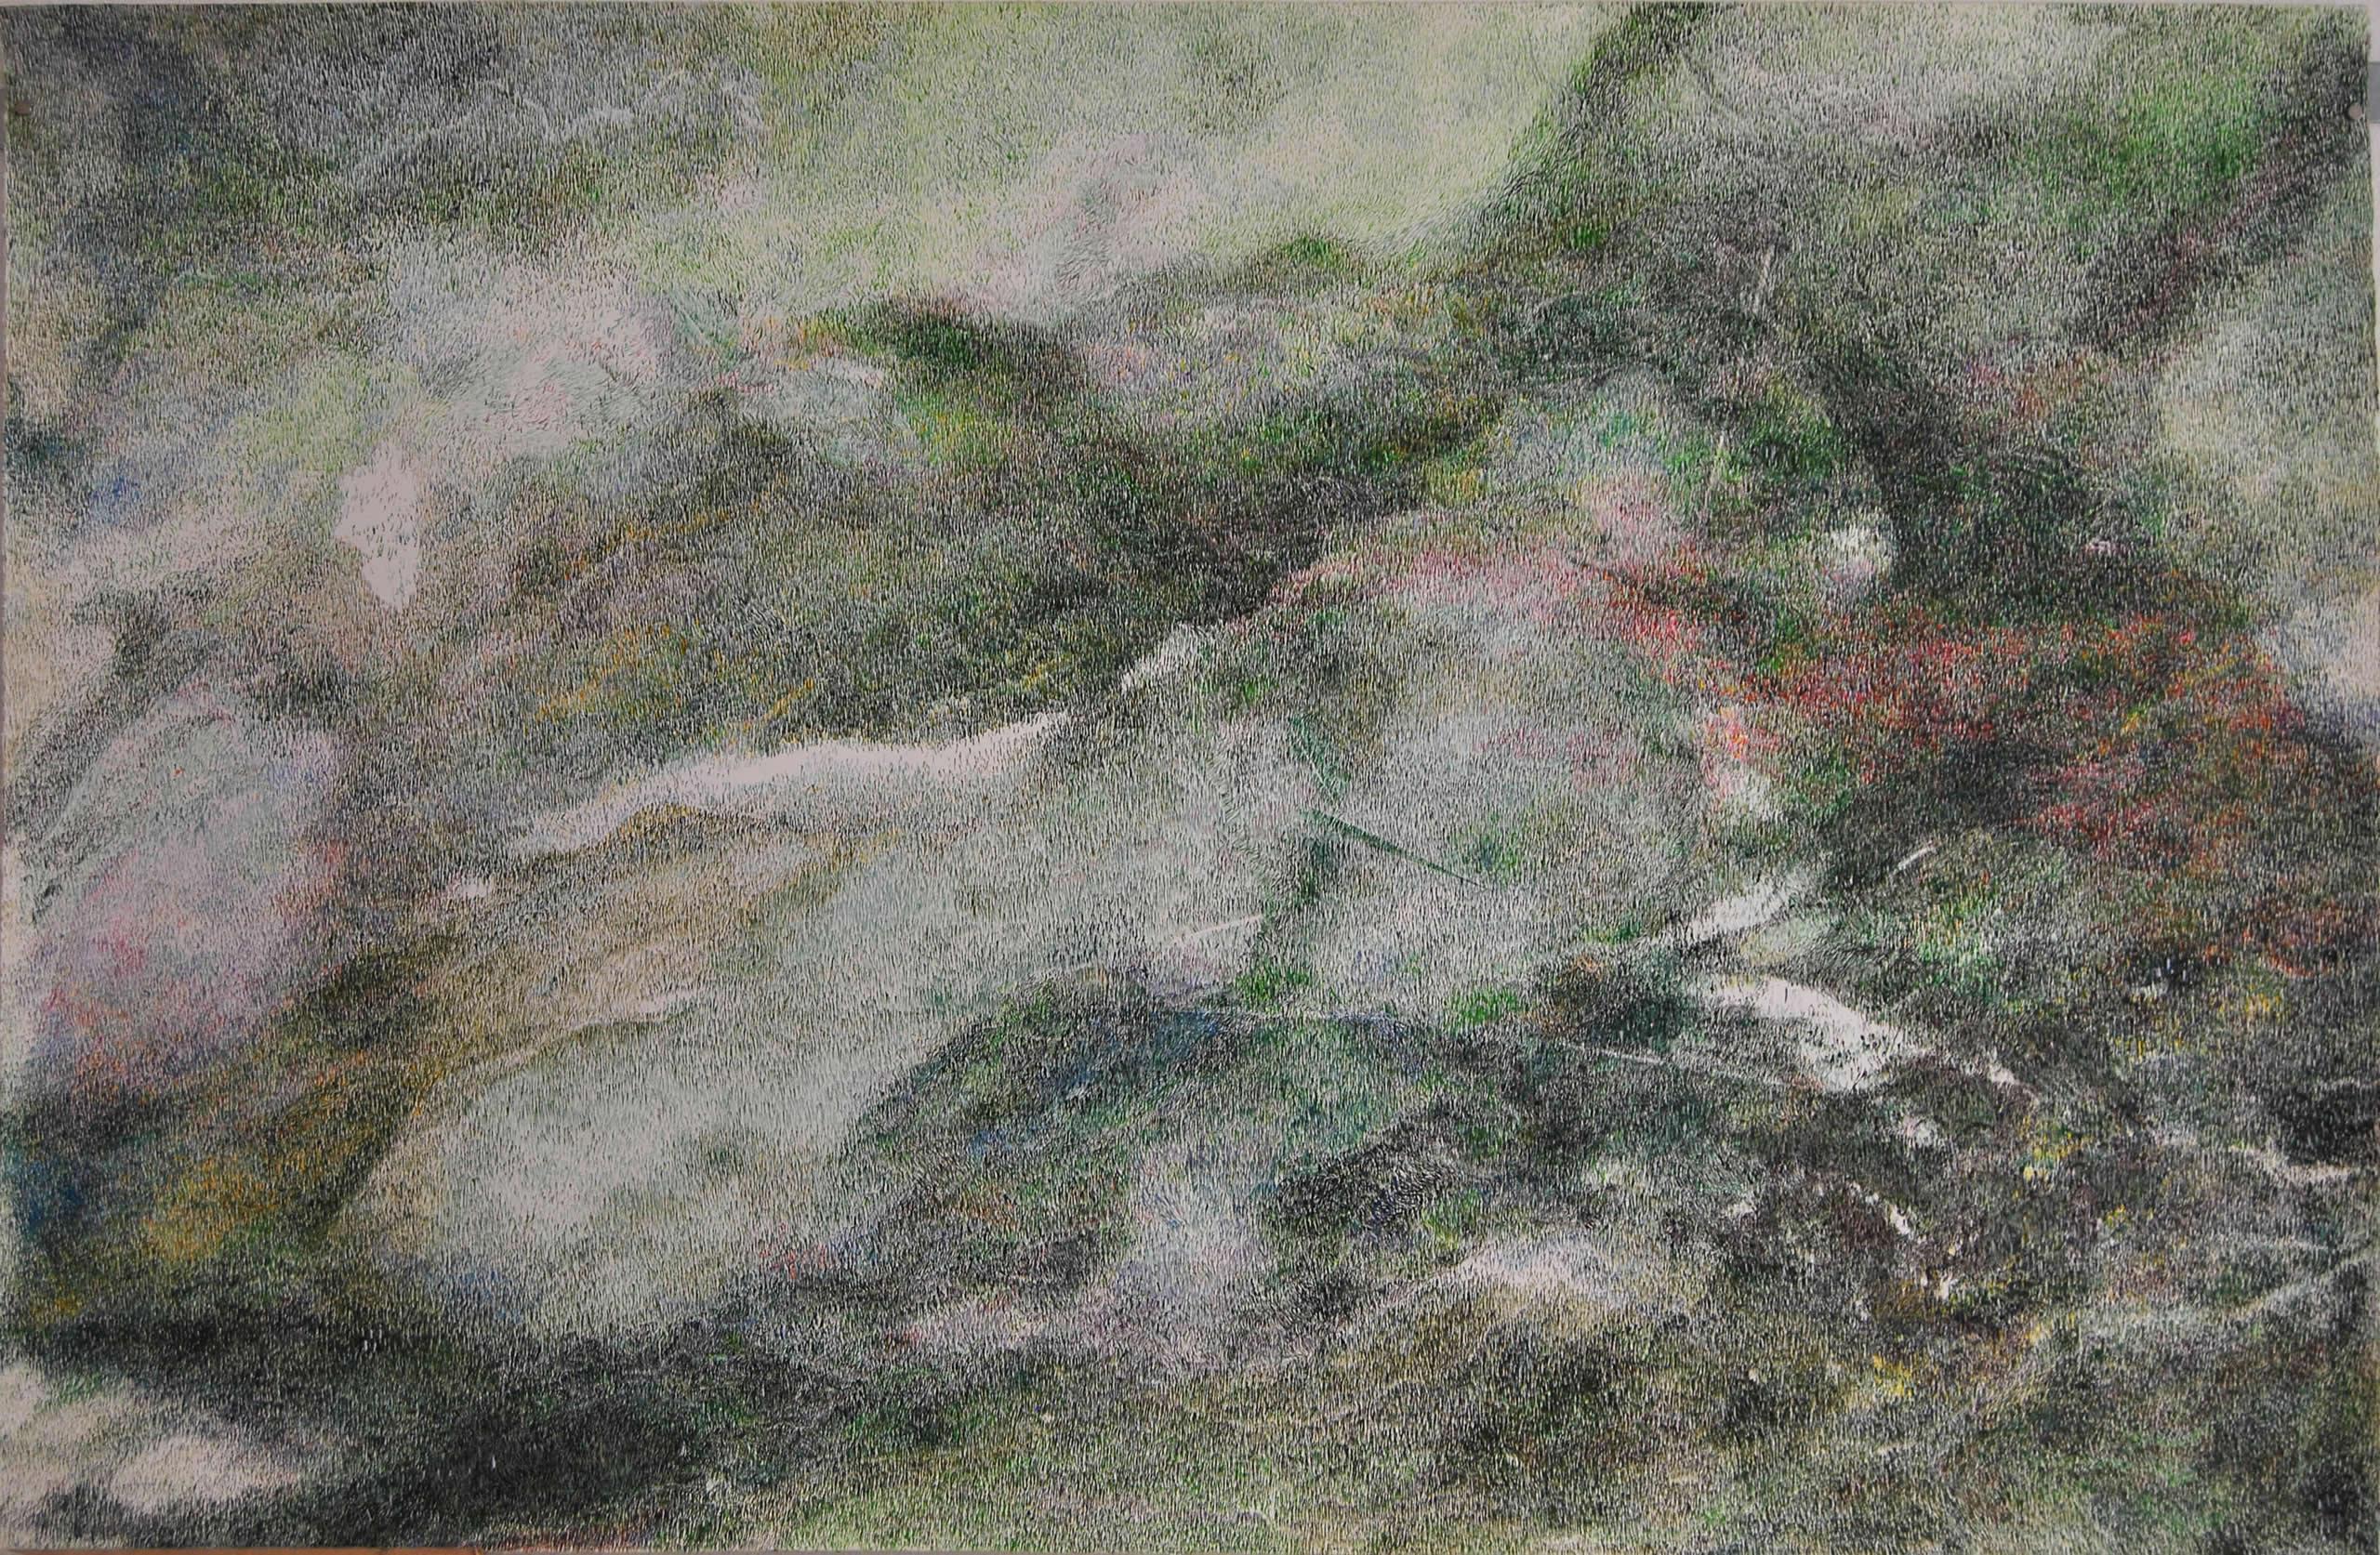 Linda Berger | Green sky with something to be | Strichwelten & Luftkörper | 2019-11 | Galerie3